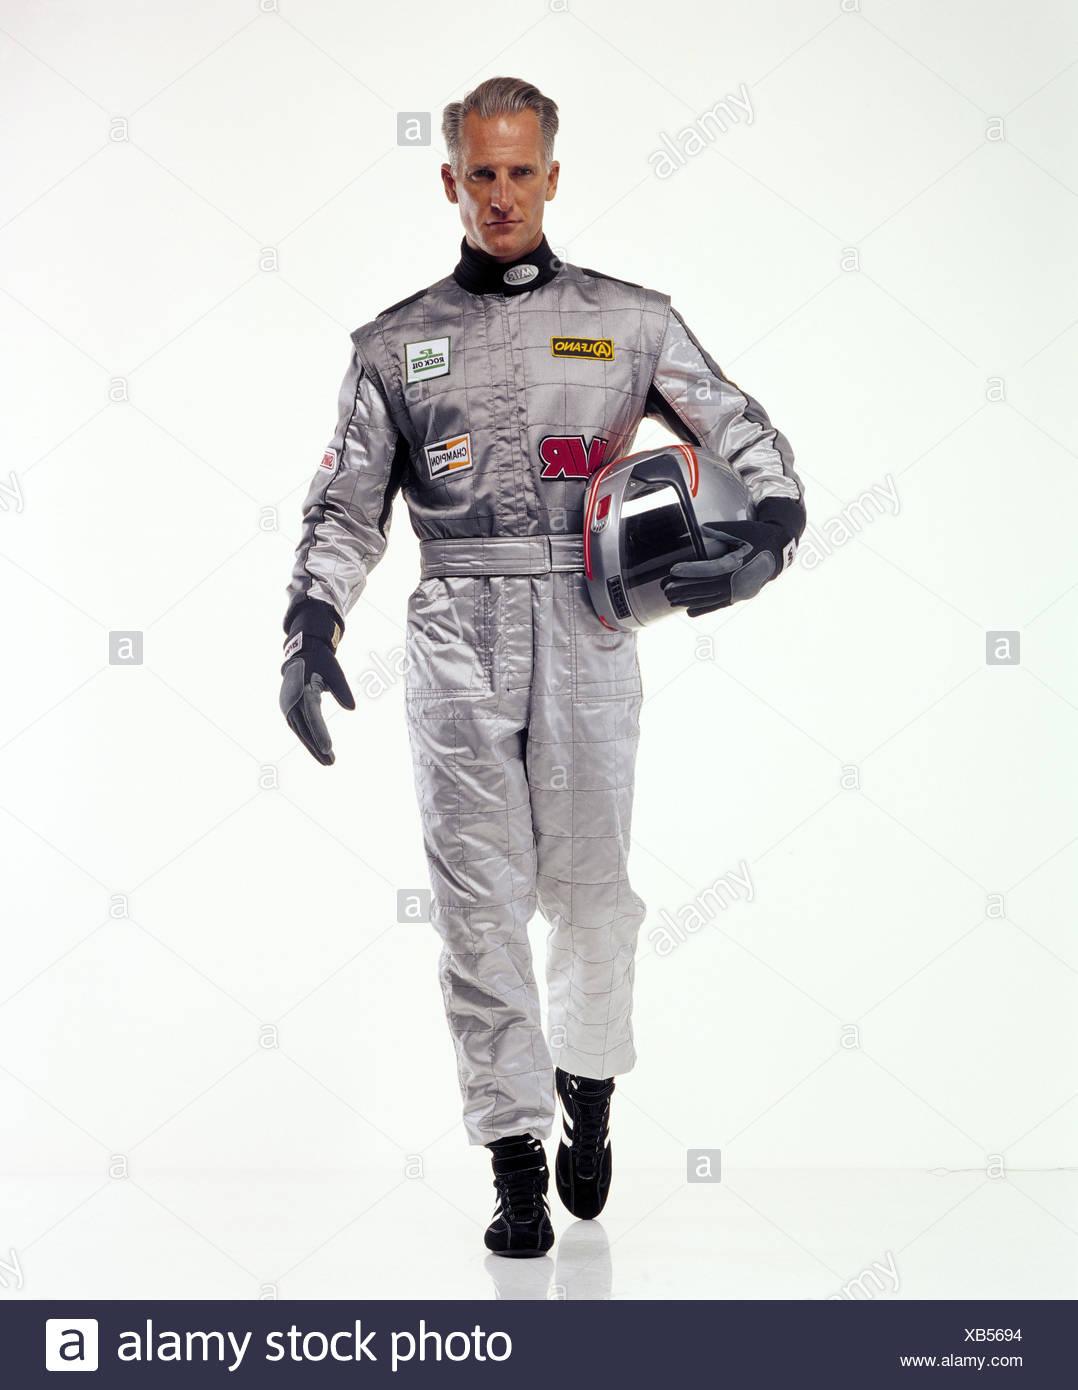 Le sport automobile, pilote de course, dans l'ensemble, casque, argent, motion, go sport, sport de course, l'homme, combinaison de course, casque, casque de sécurité, casque, gants, studio, head-on, Photo Stock